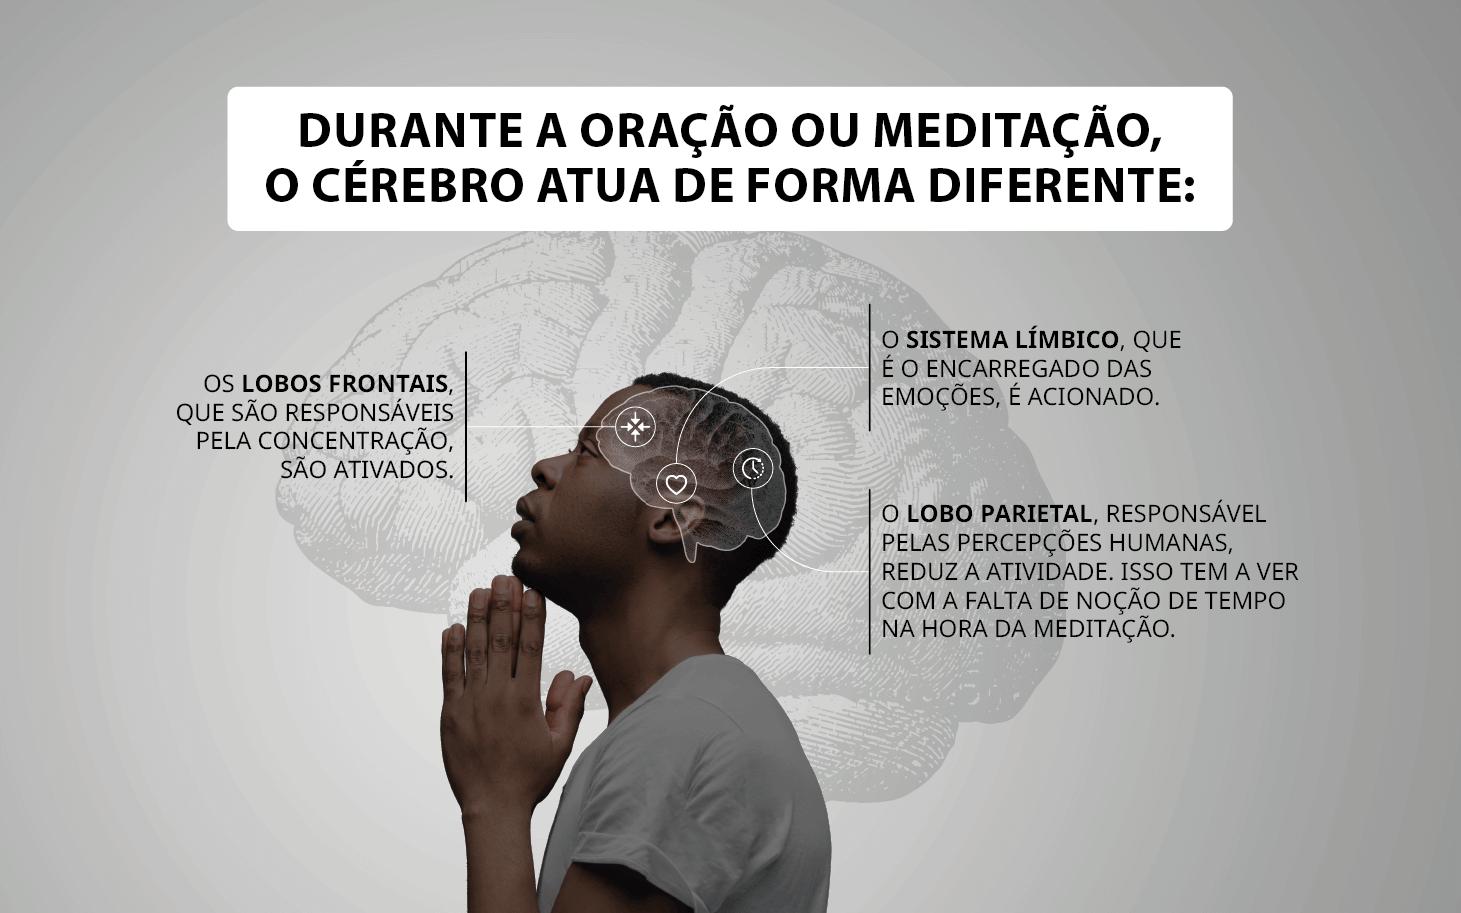 Infográfico: Durante a oração ou meditação o cérebro atua de forma diferente.